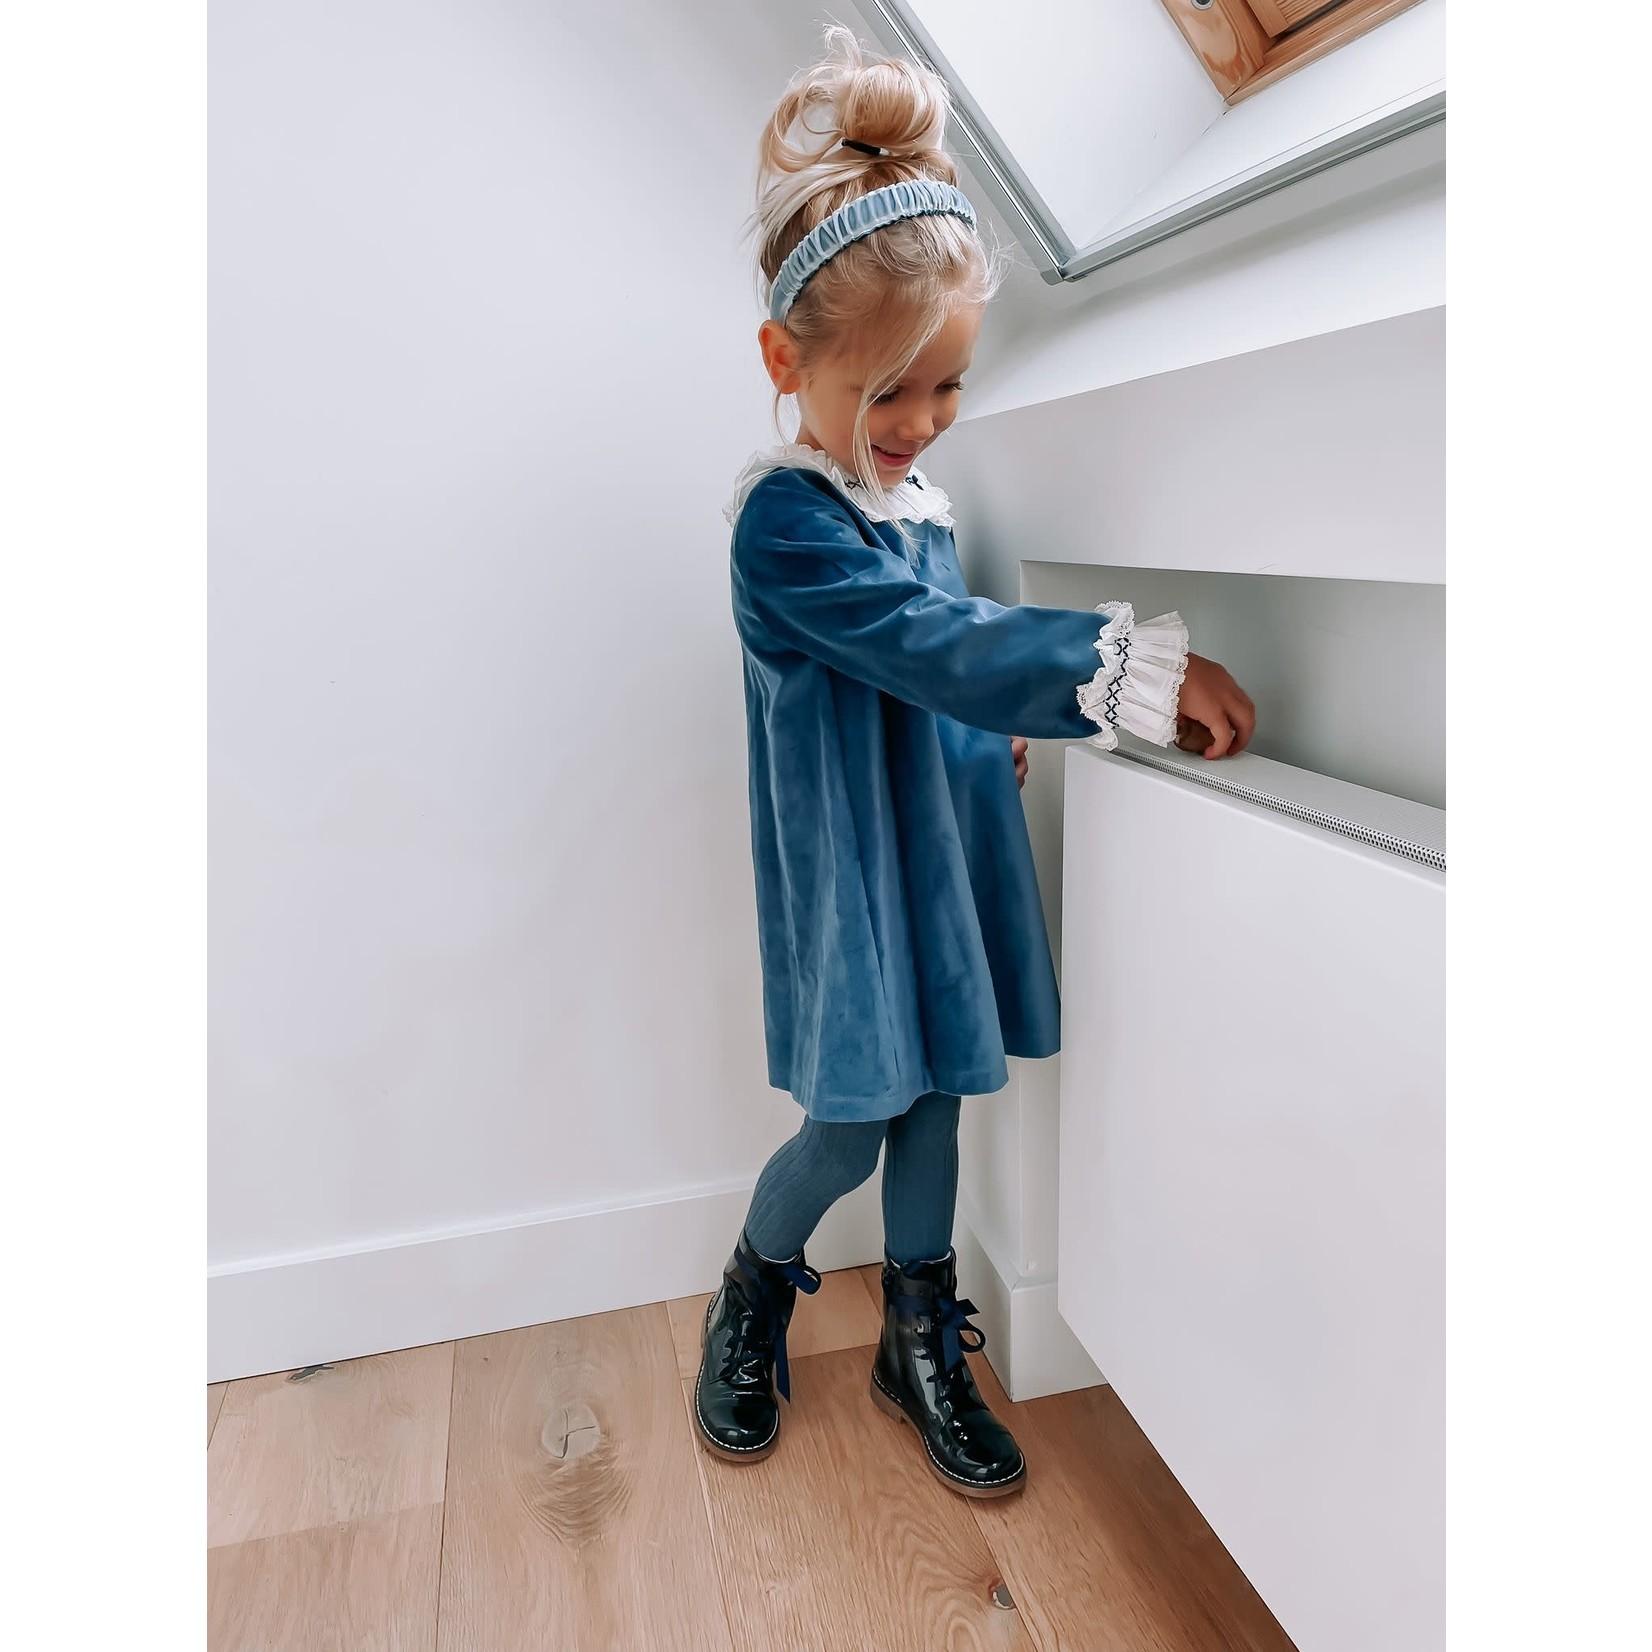 Laivicar Dress Velvet Blue - Laivicar